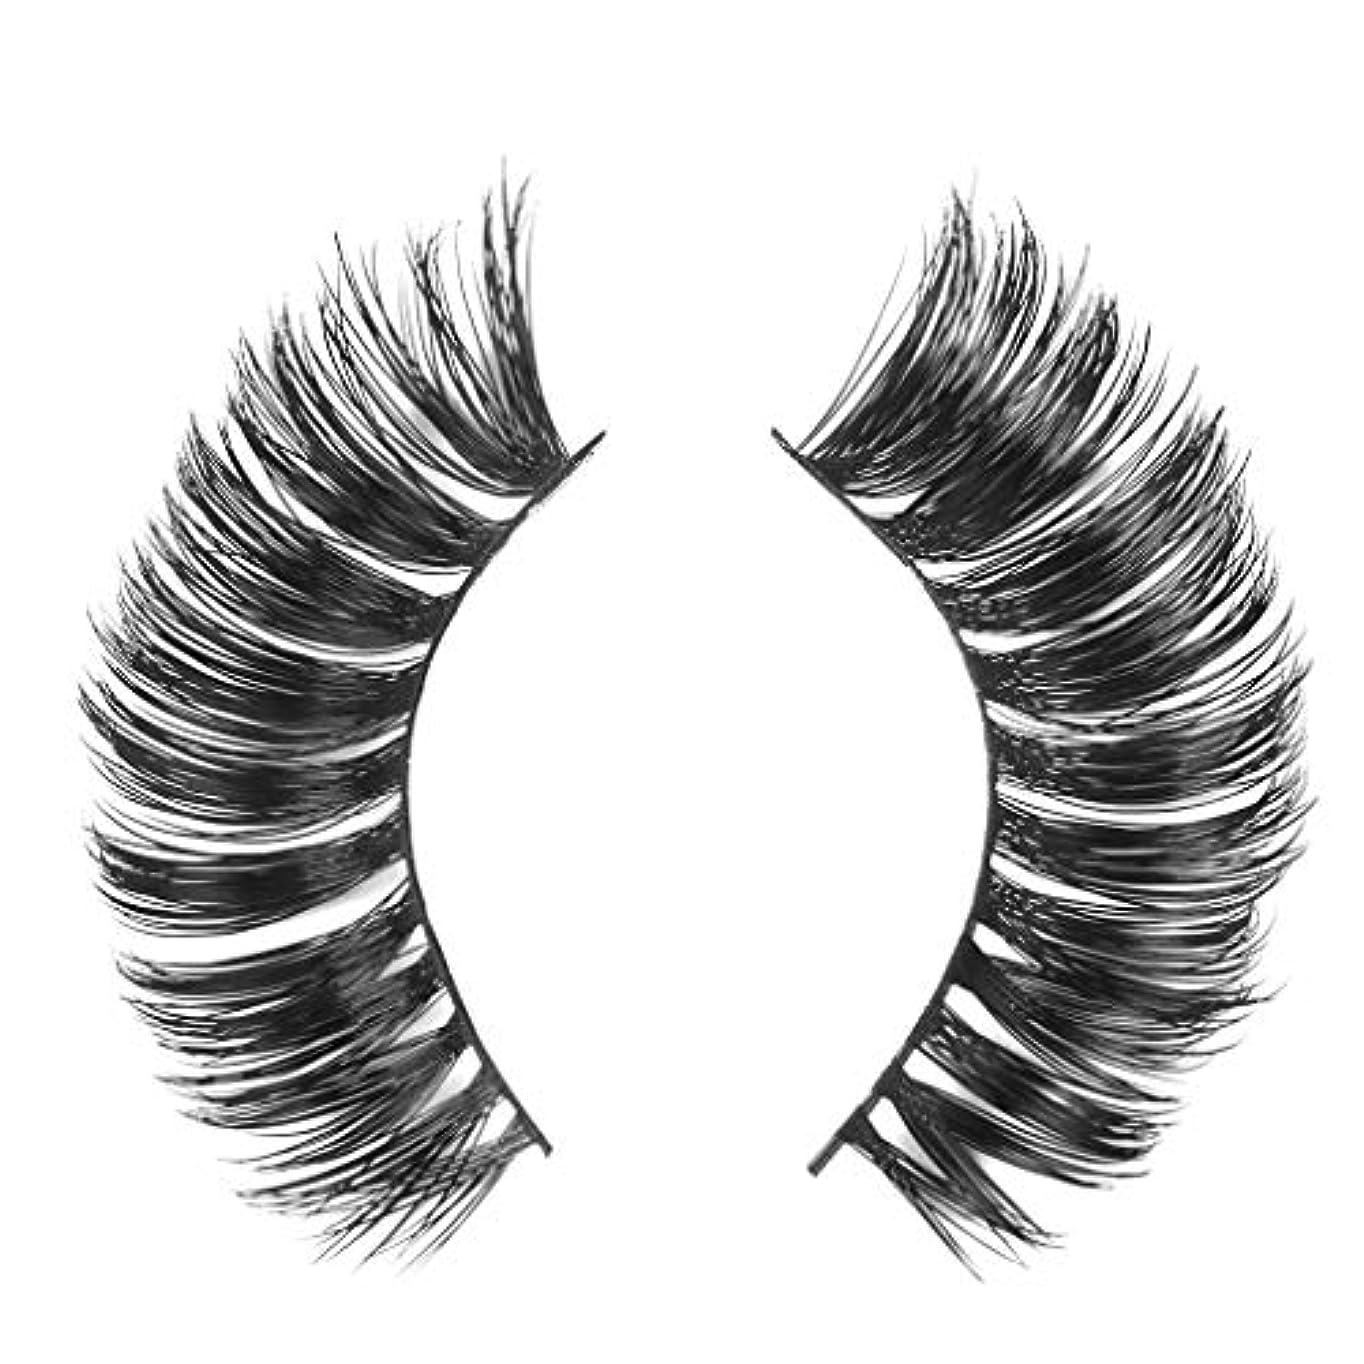 調べる周囲真実にミンクの毛の自然な厚くなる化粧品の3D版のための一組のまつげ